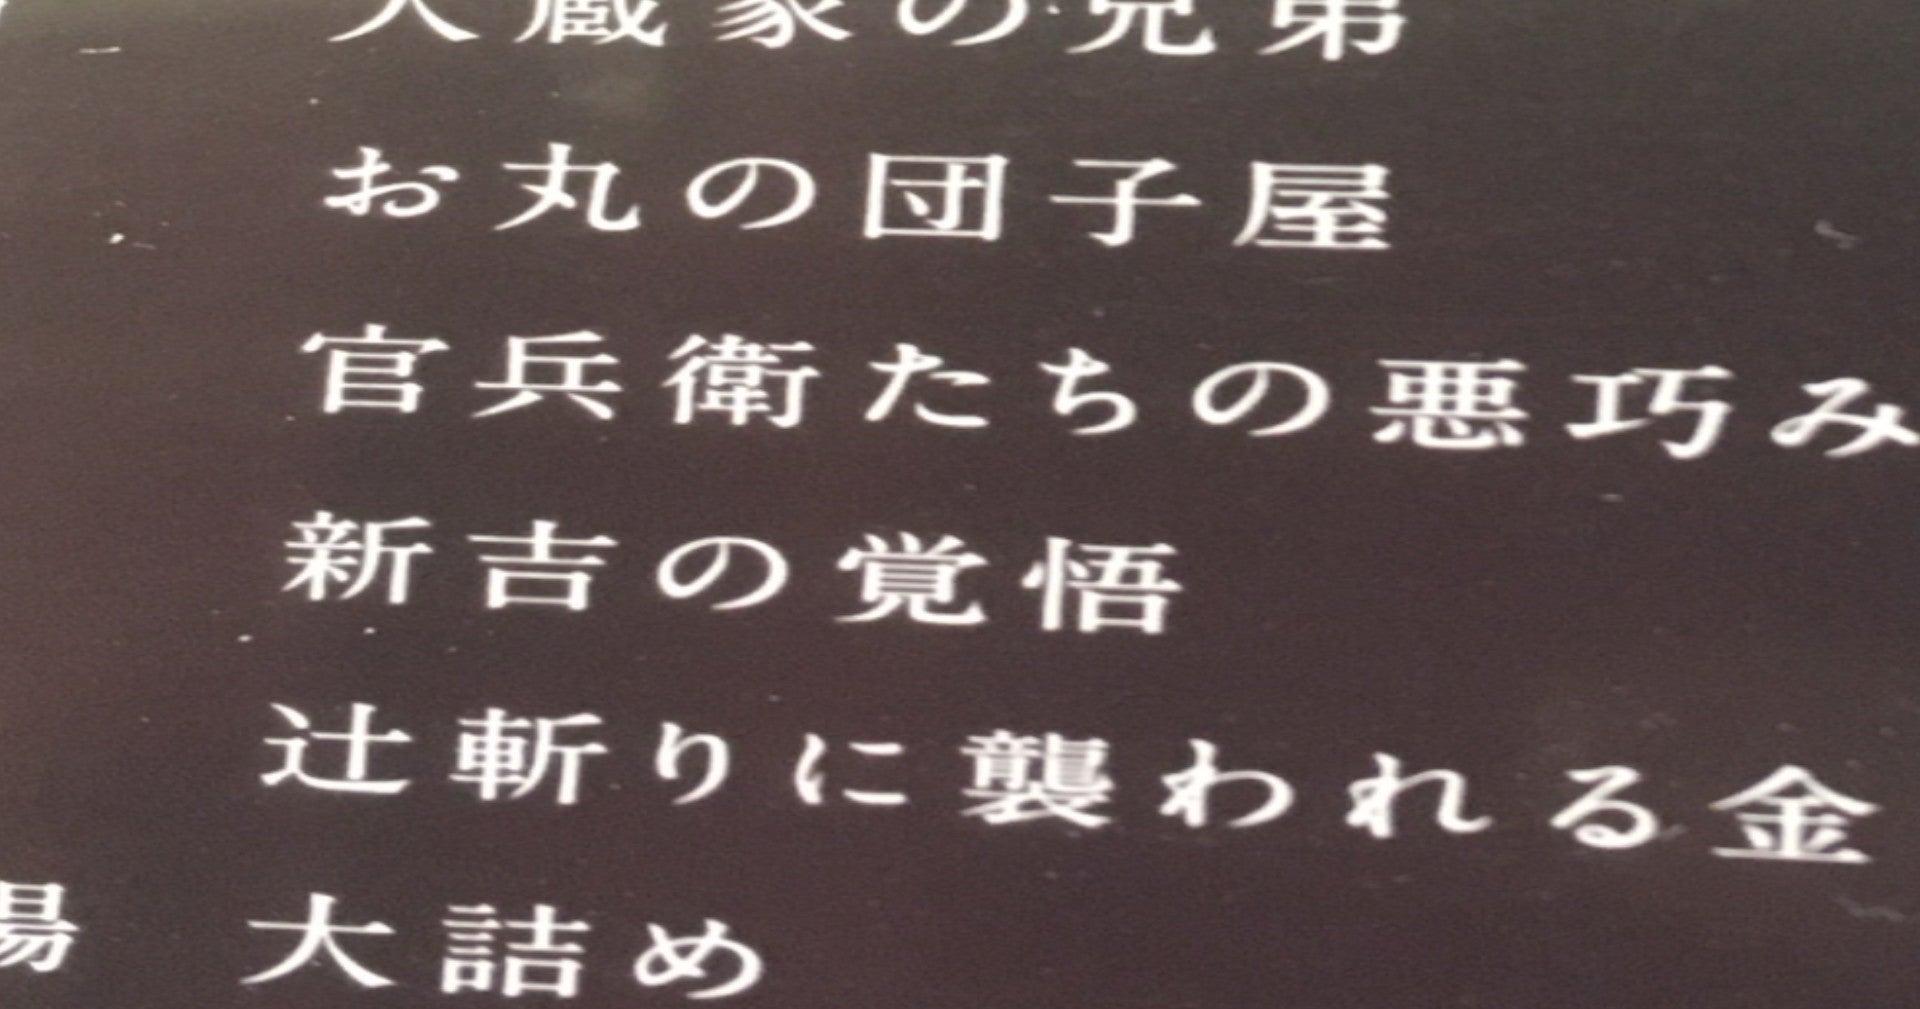 丸 歌舞 滝沢 お 伎 さん